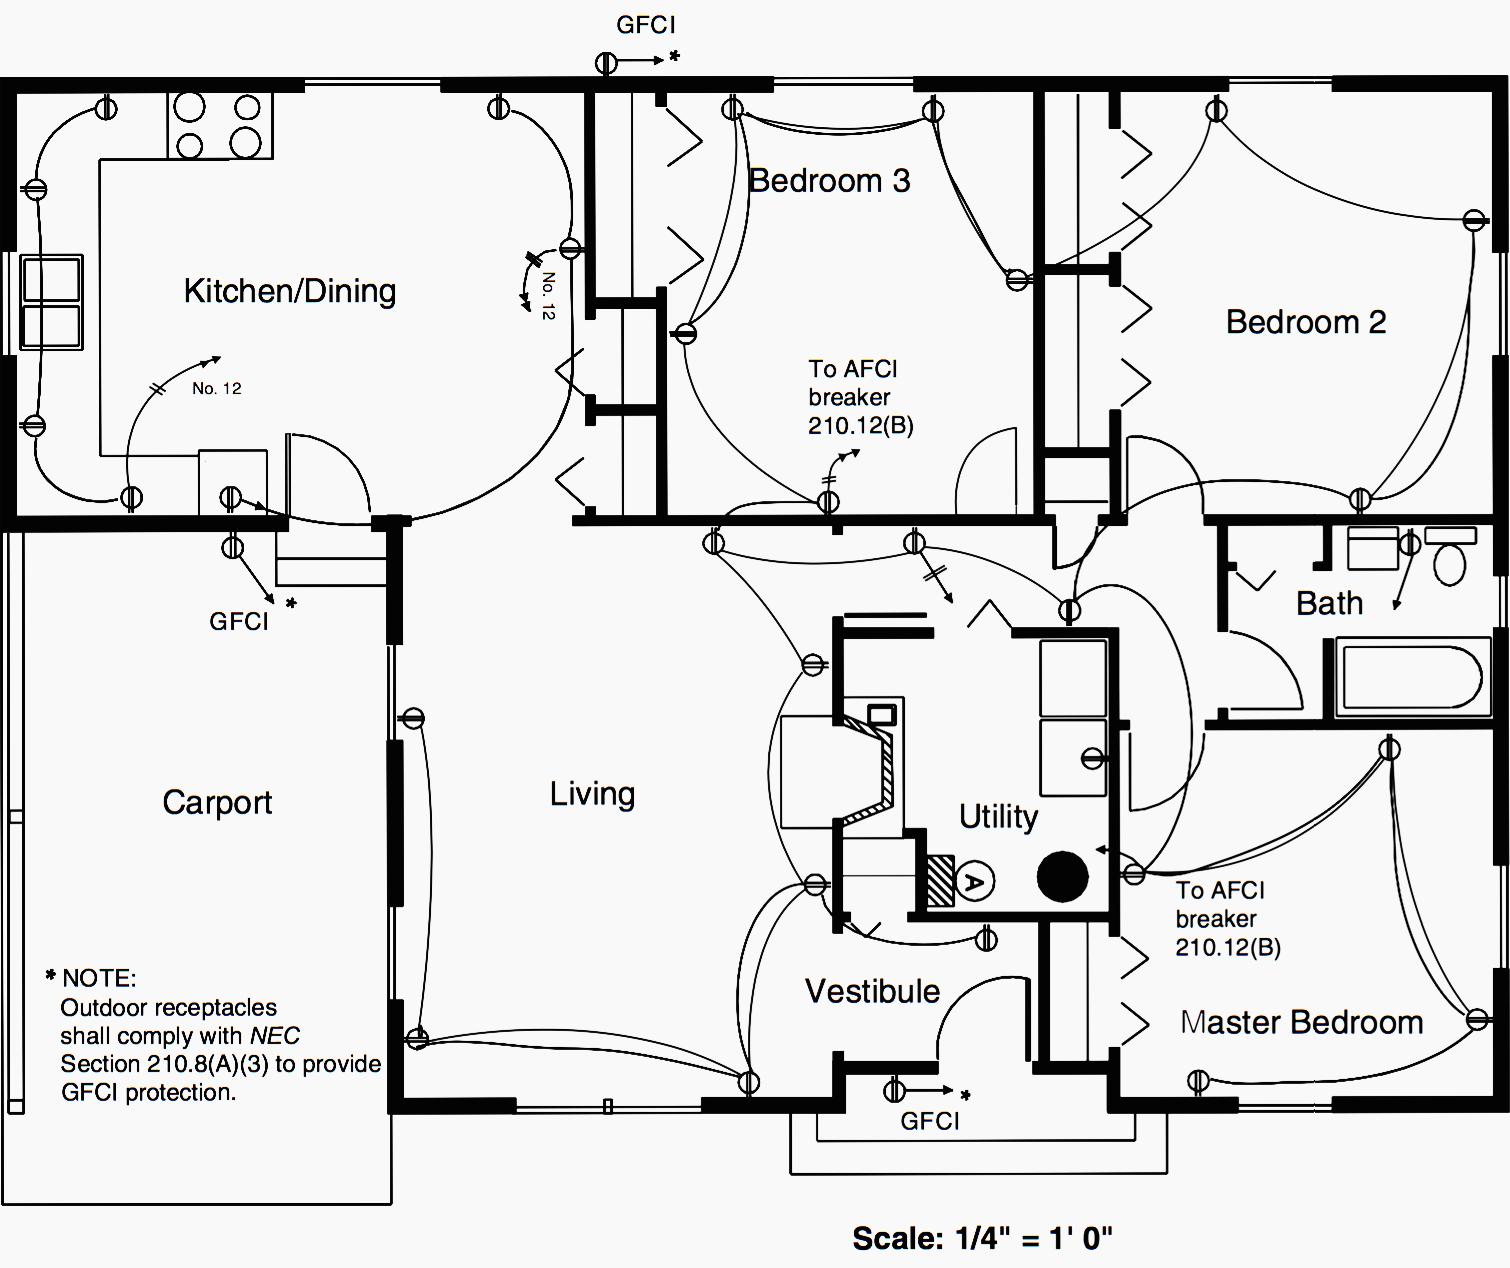 Circuit Diagram Drawing Tool